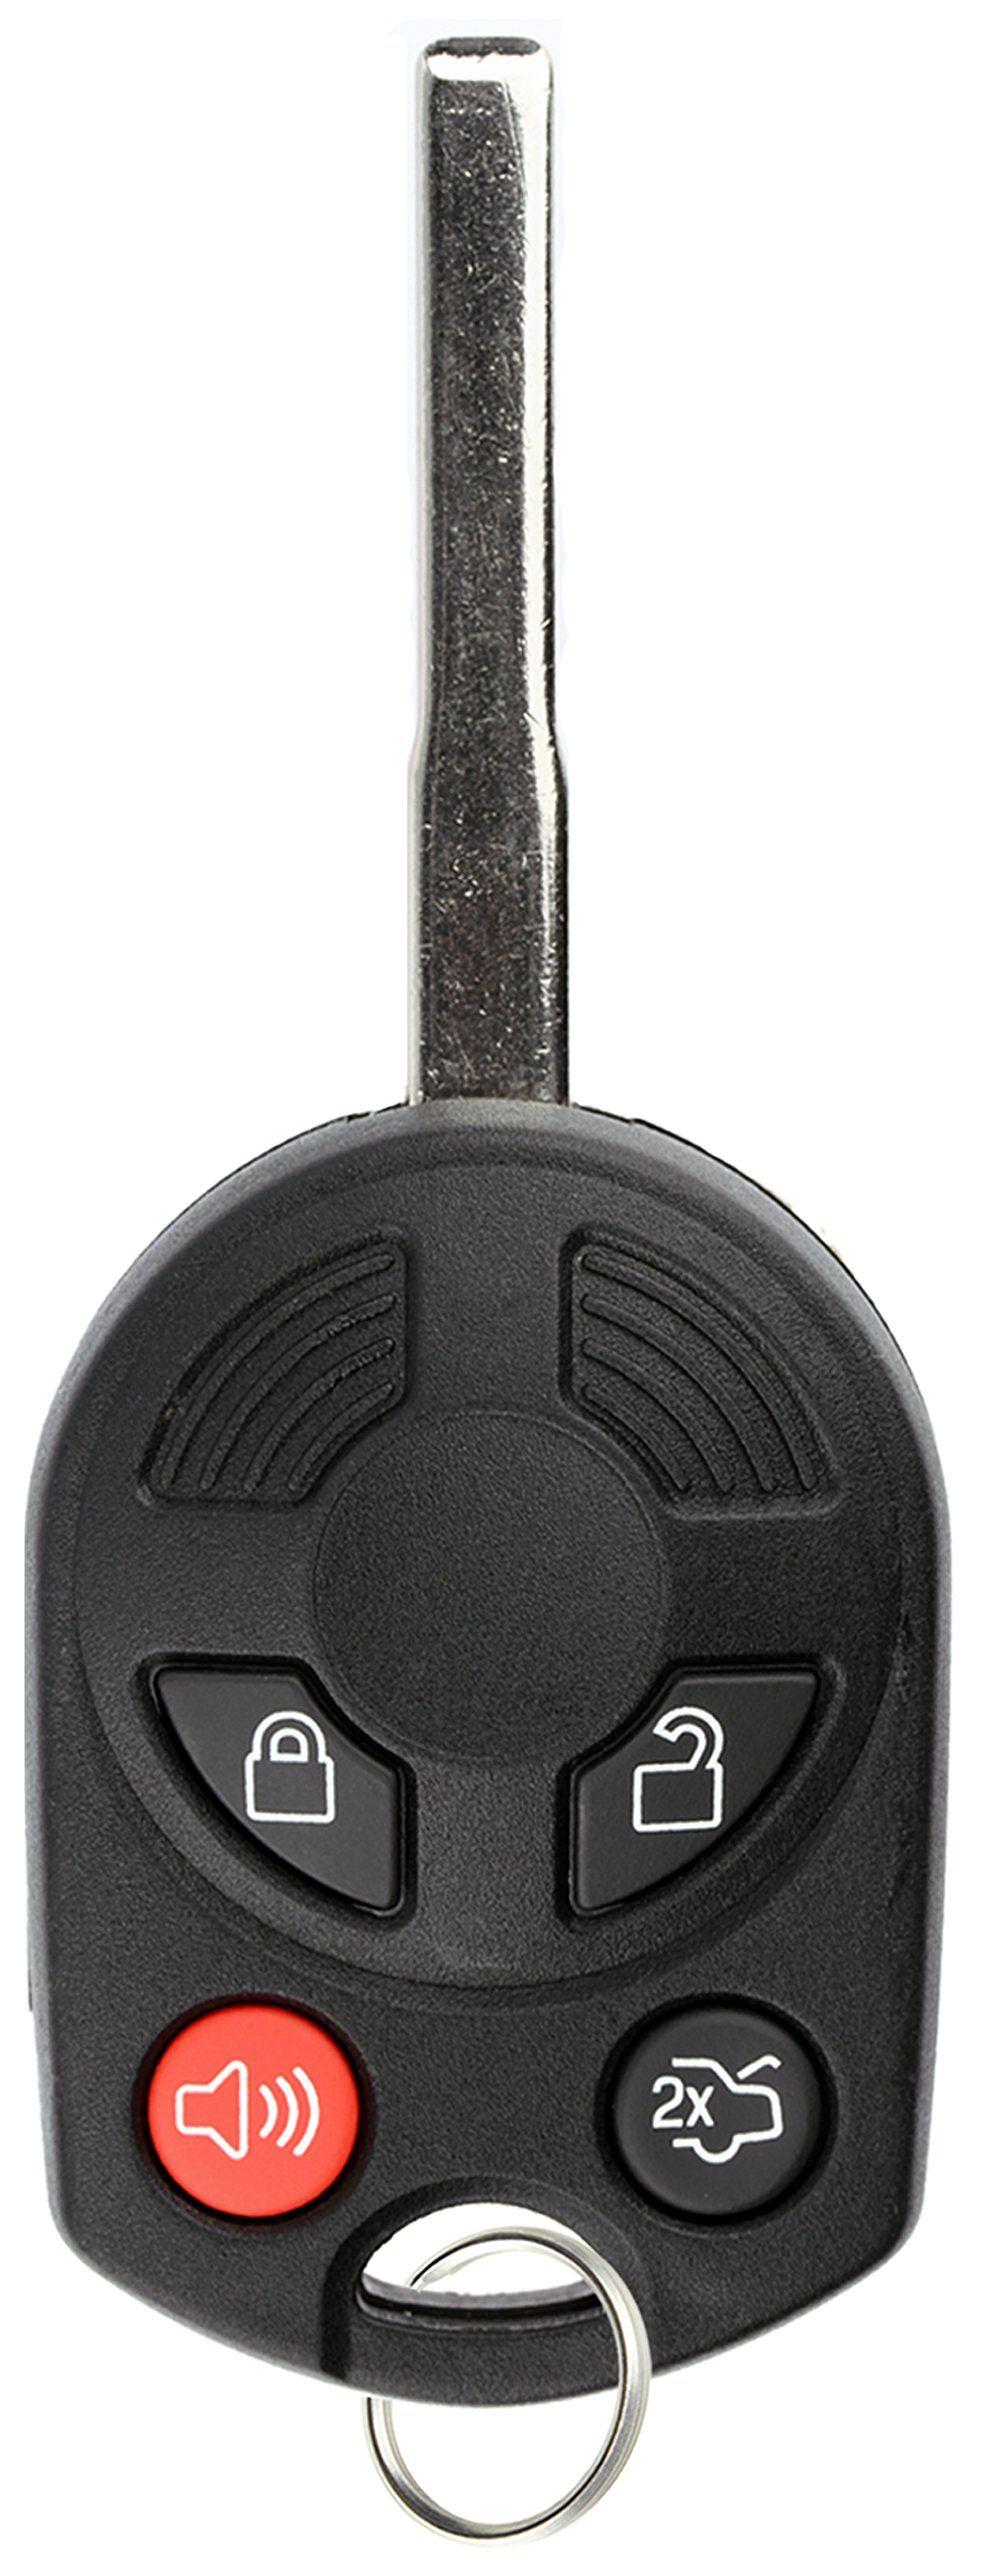 Keylessoption Keyless Entry Remote Car Uncut High Security Key Fob